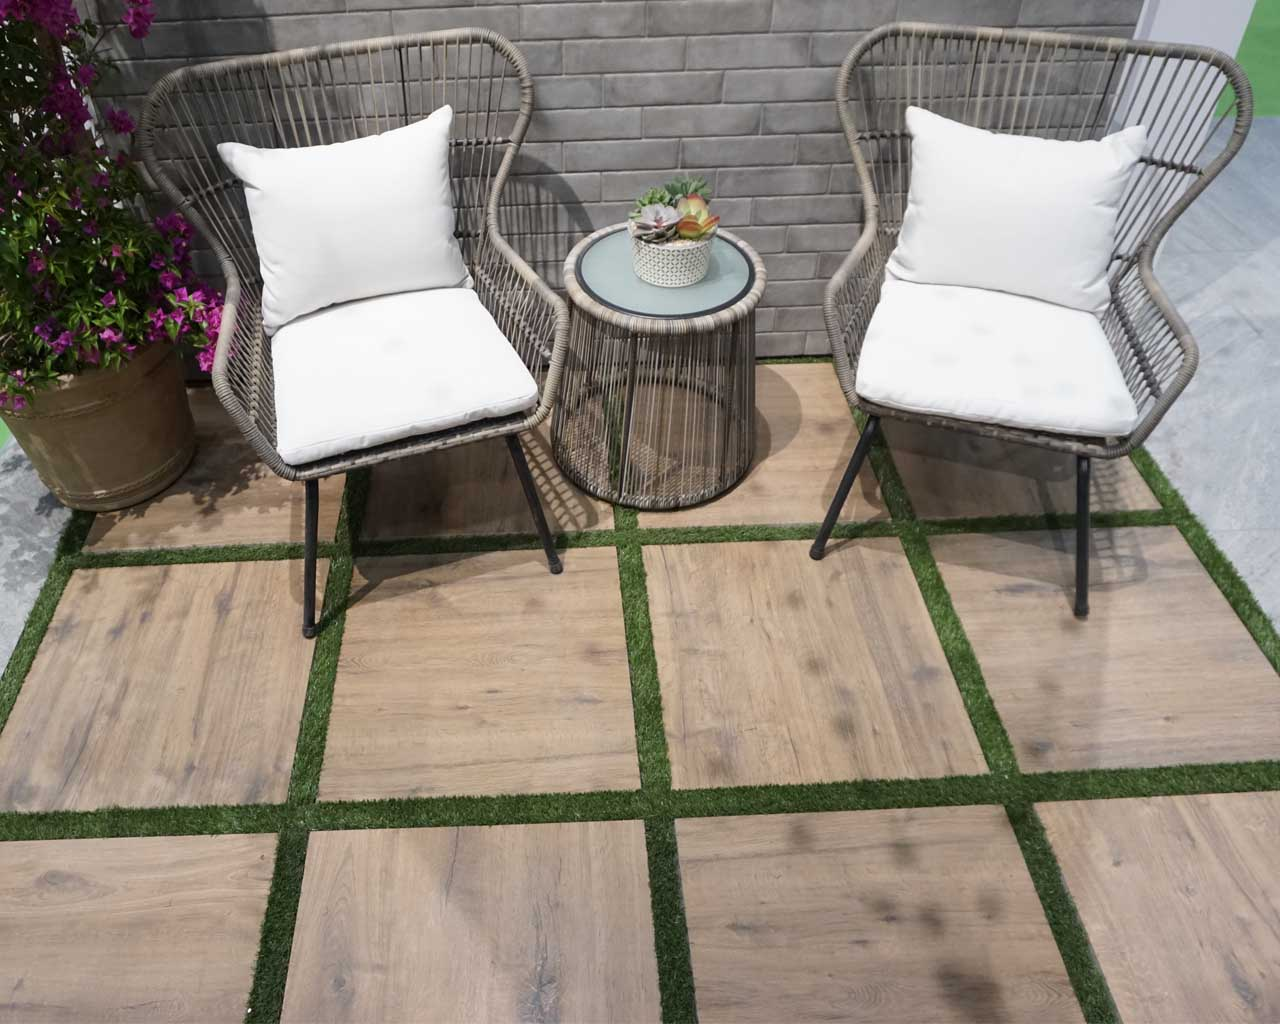 Terrassenplatten aus Feinsteinzeug in 2cm Stärke werden auch in den USA immer beliebter